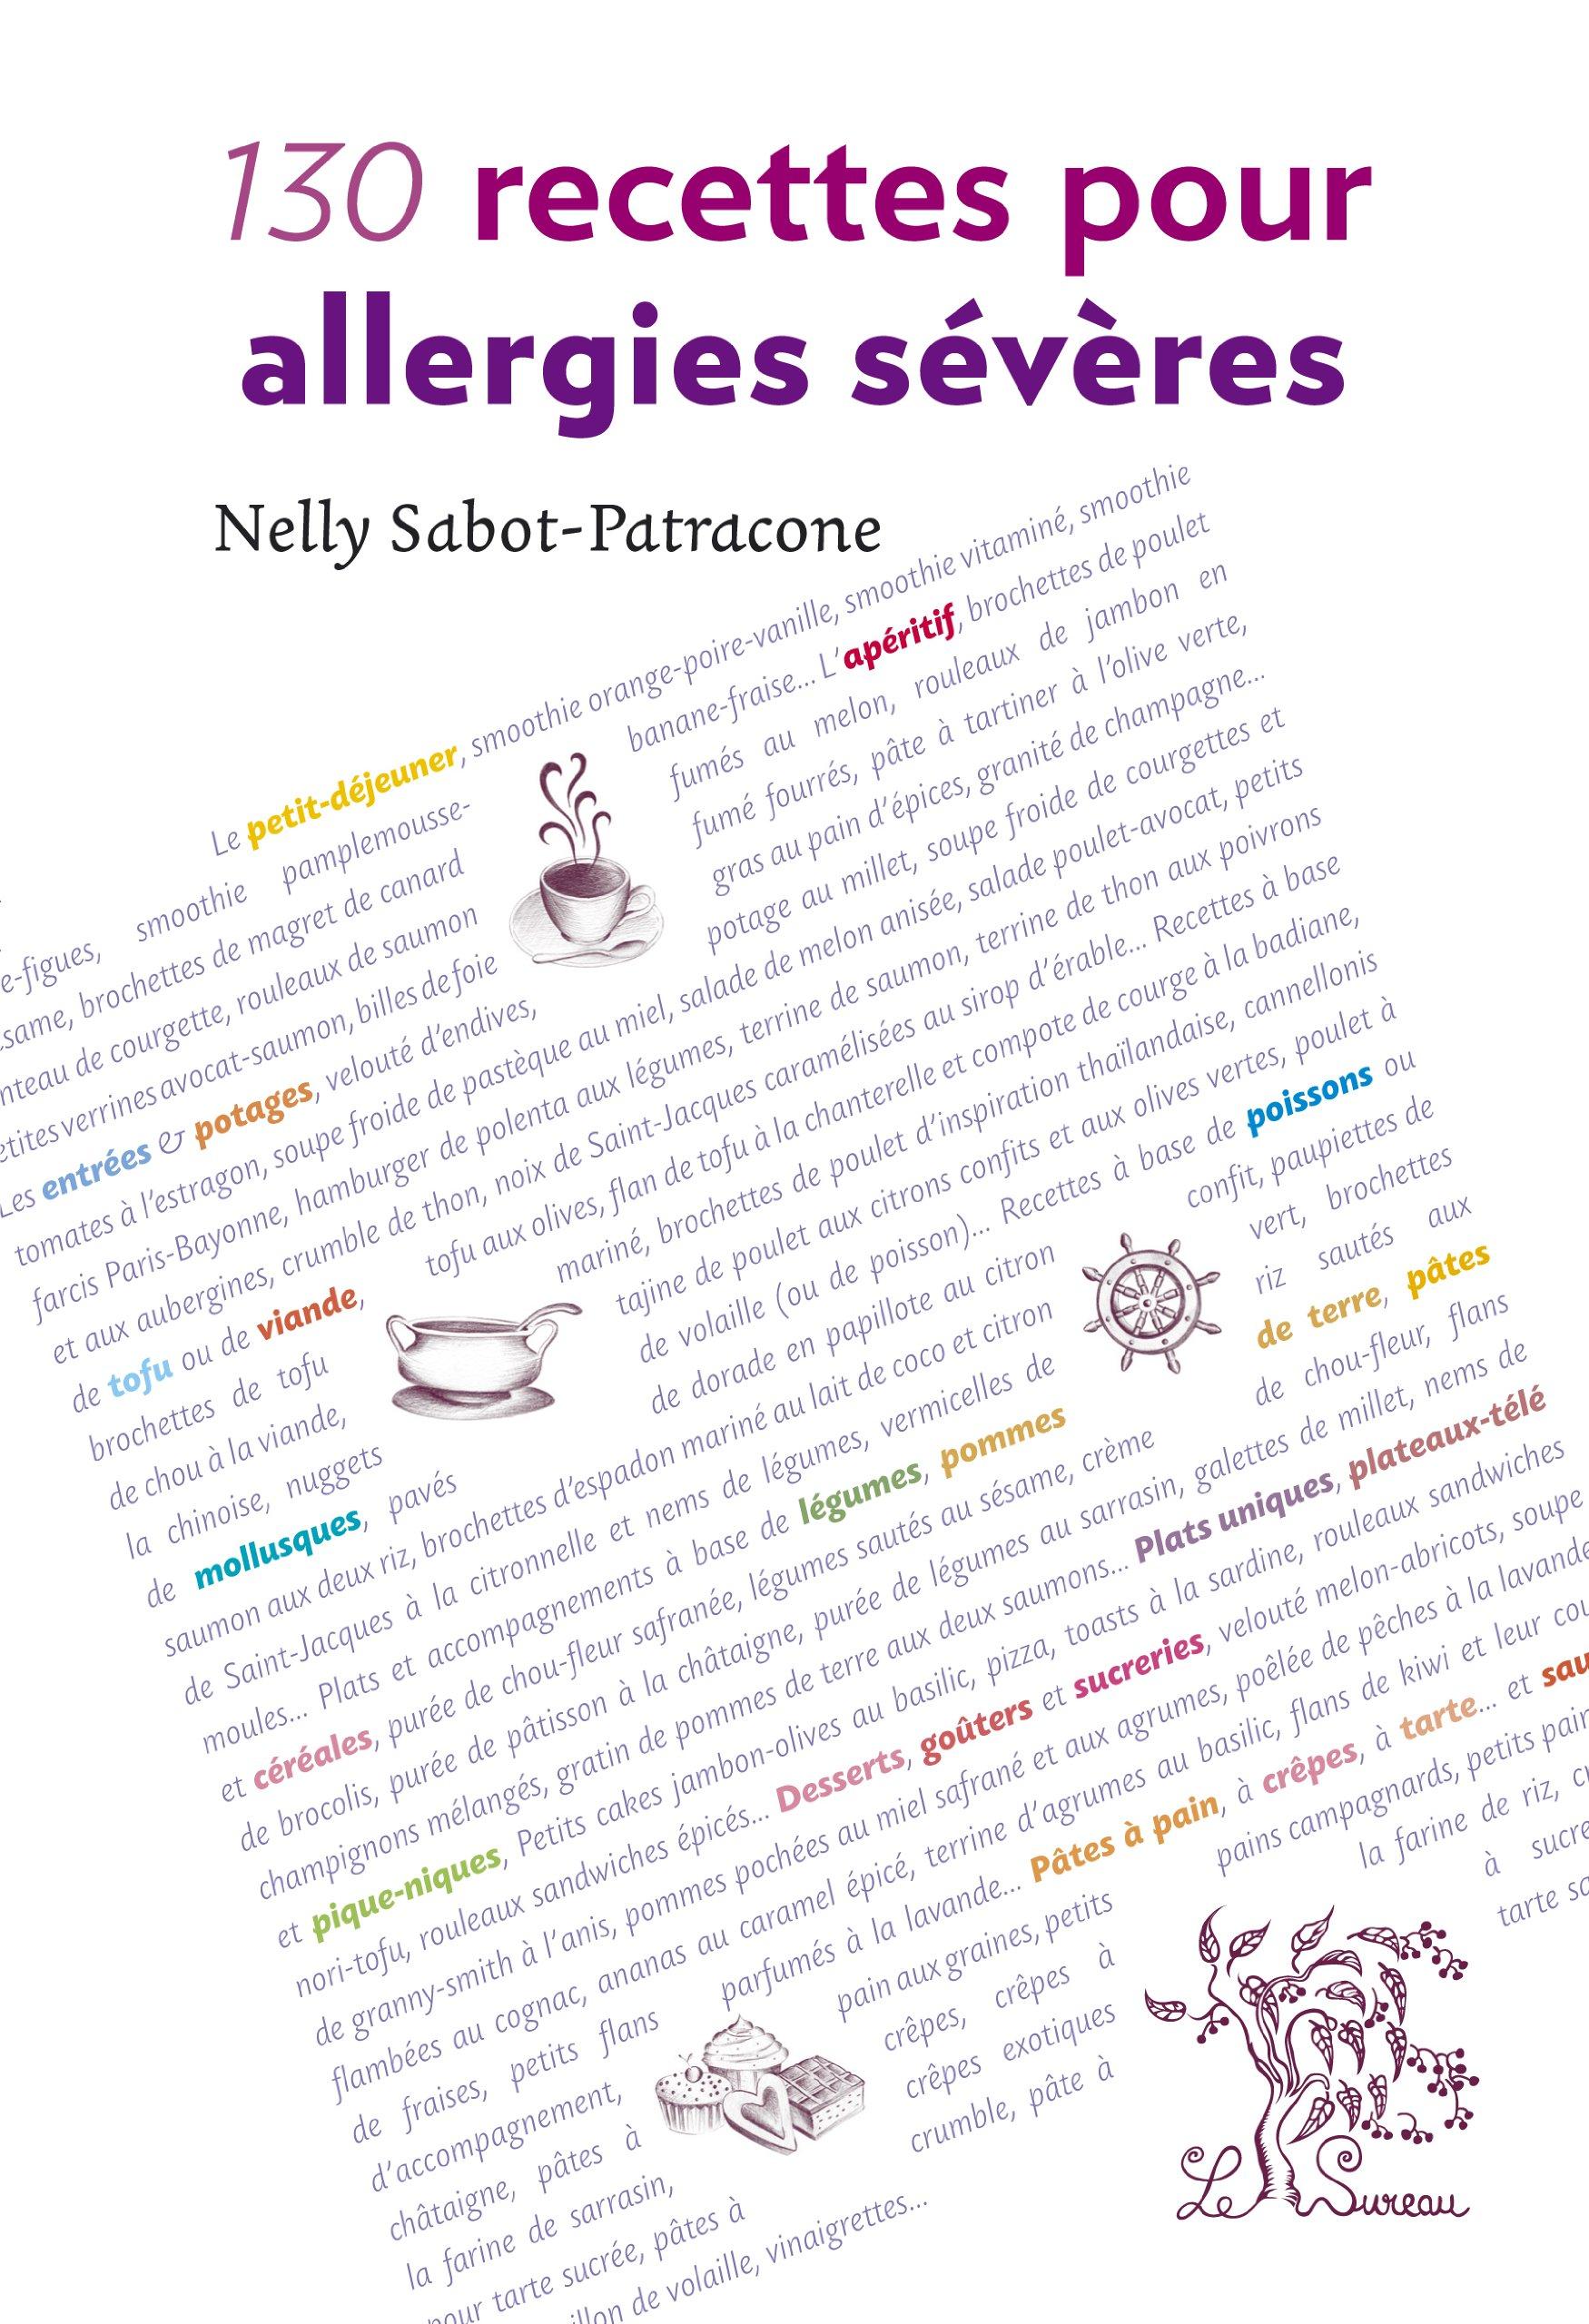 130 recettes pour allergies sévères